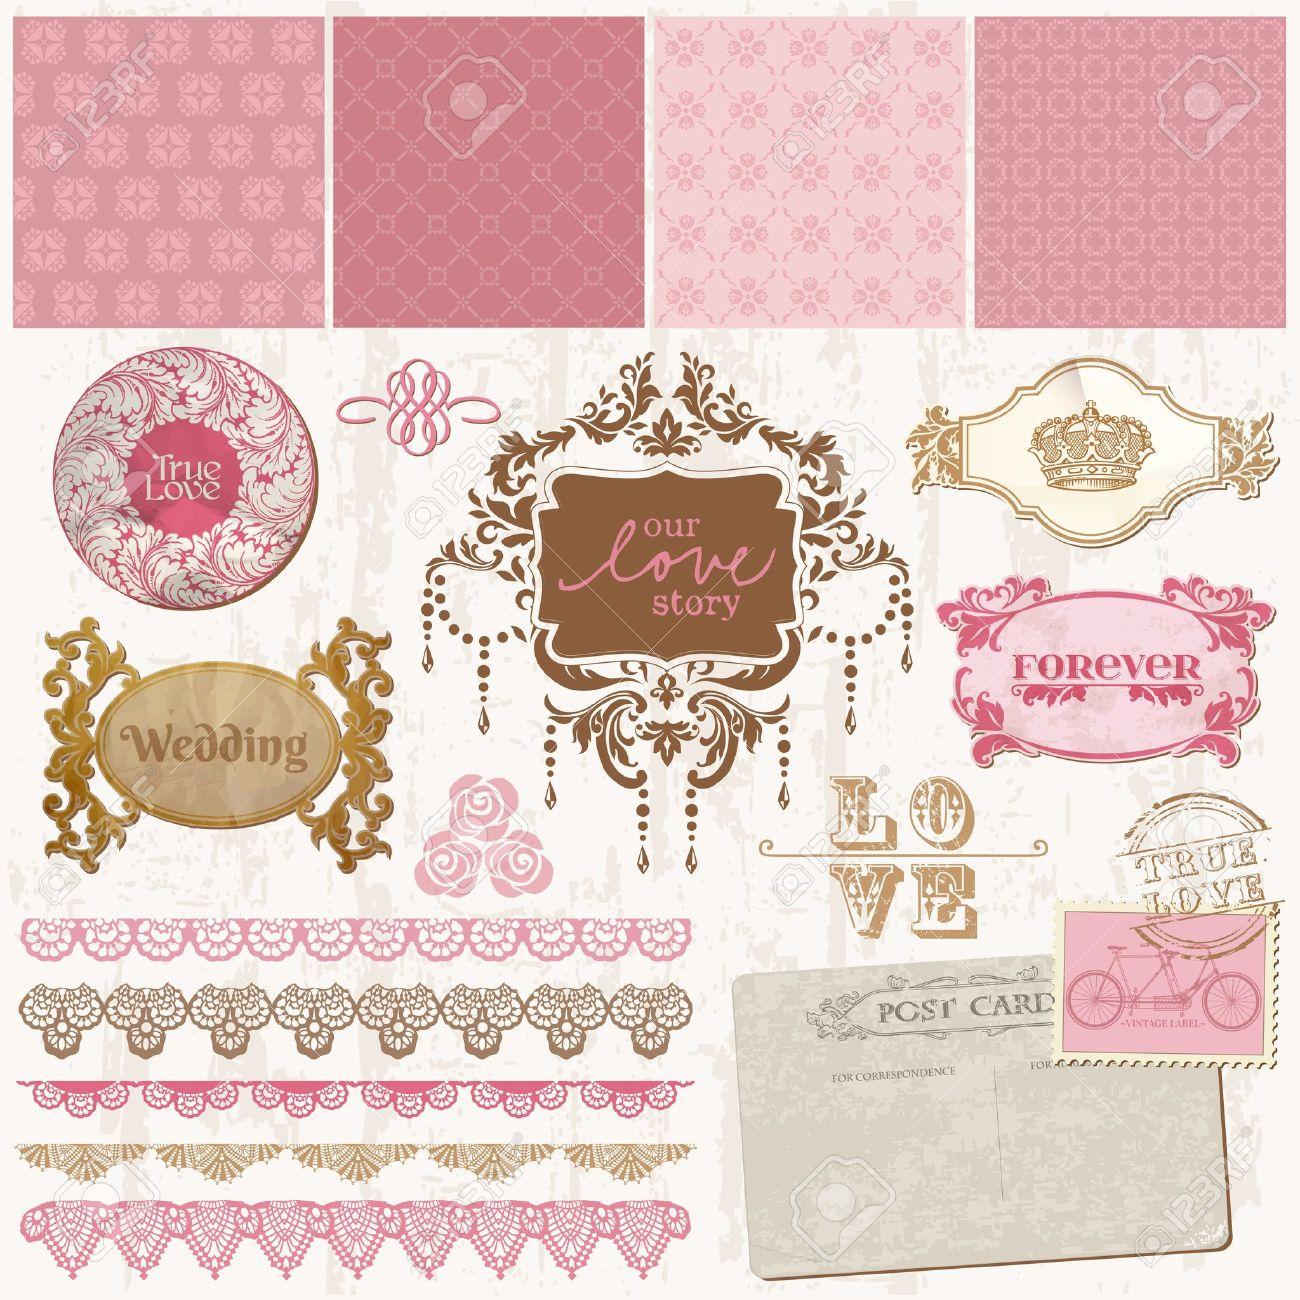 Scrapbook design elements - Vintage Wedding Set - in vector Stock Vector - 13484893